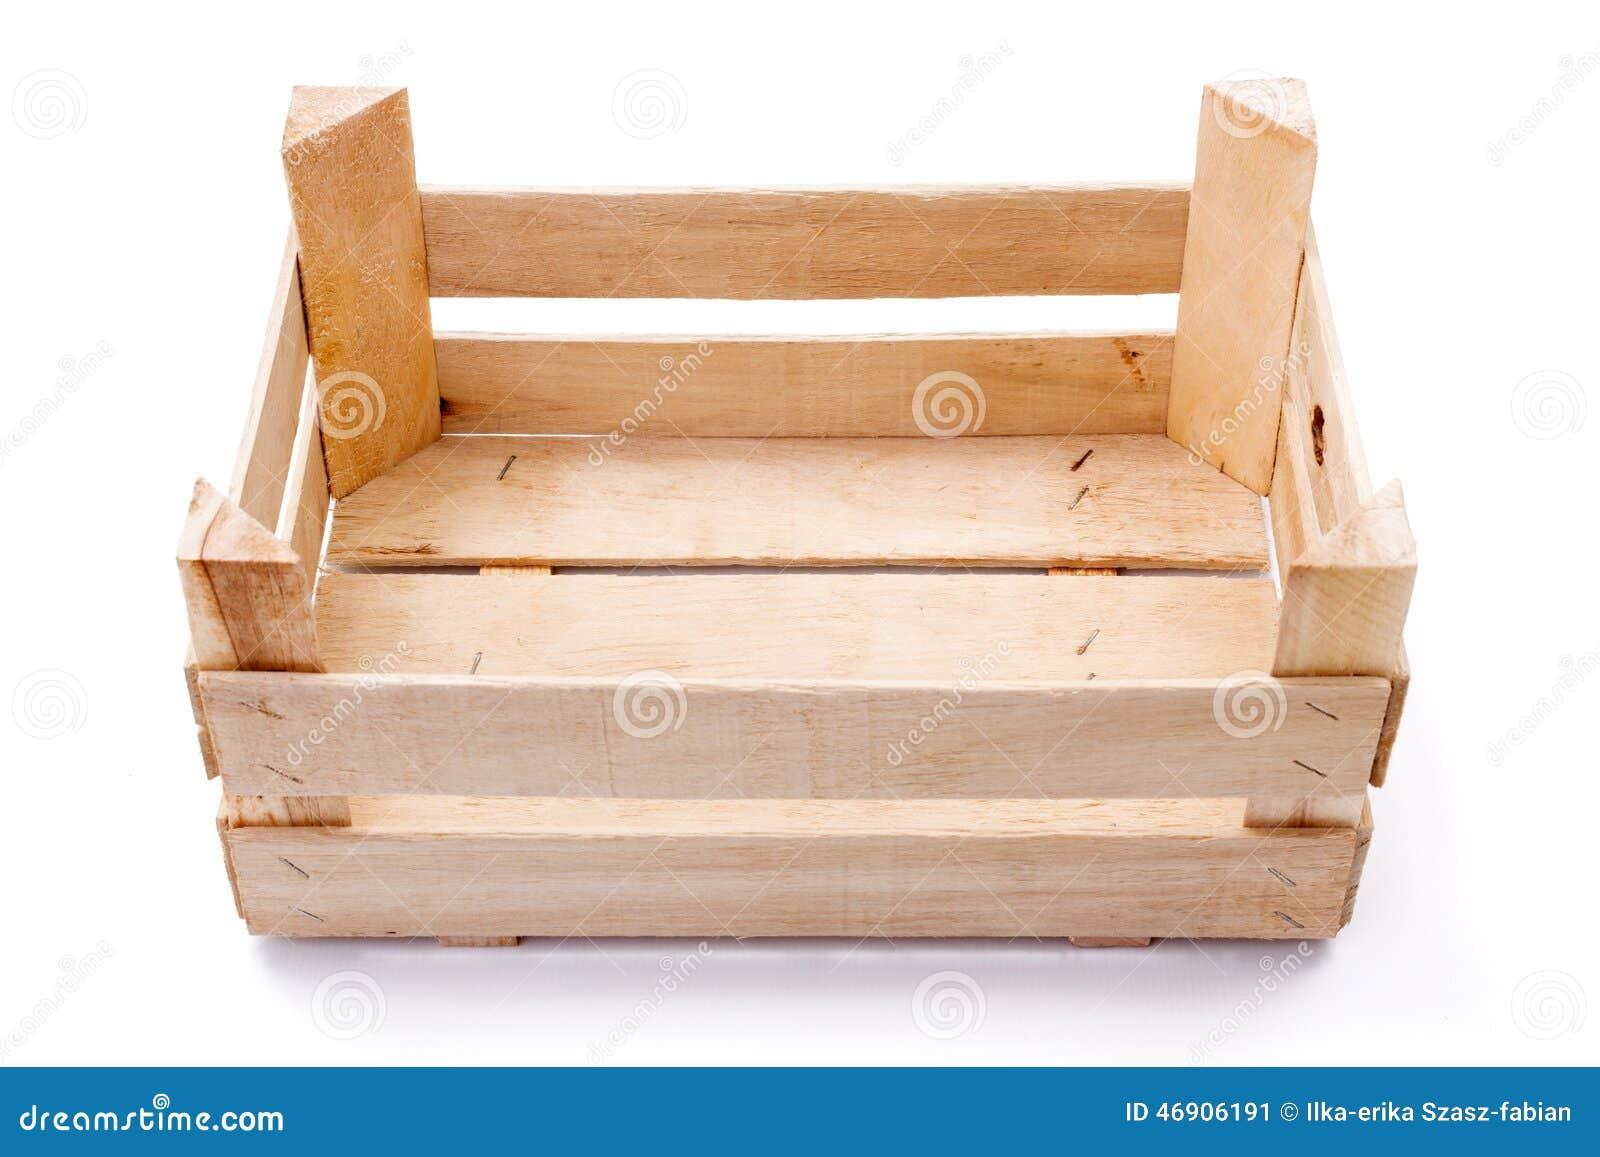 caisse vide pour des fruits et l gumes photo stock image 46906191. Black Bedroom Furniture Sets. Home Design Ideas